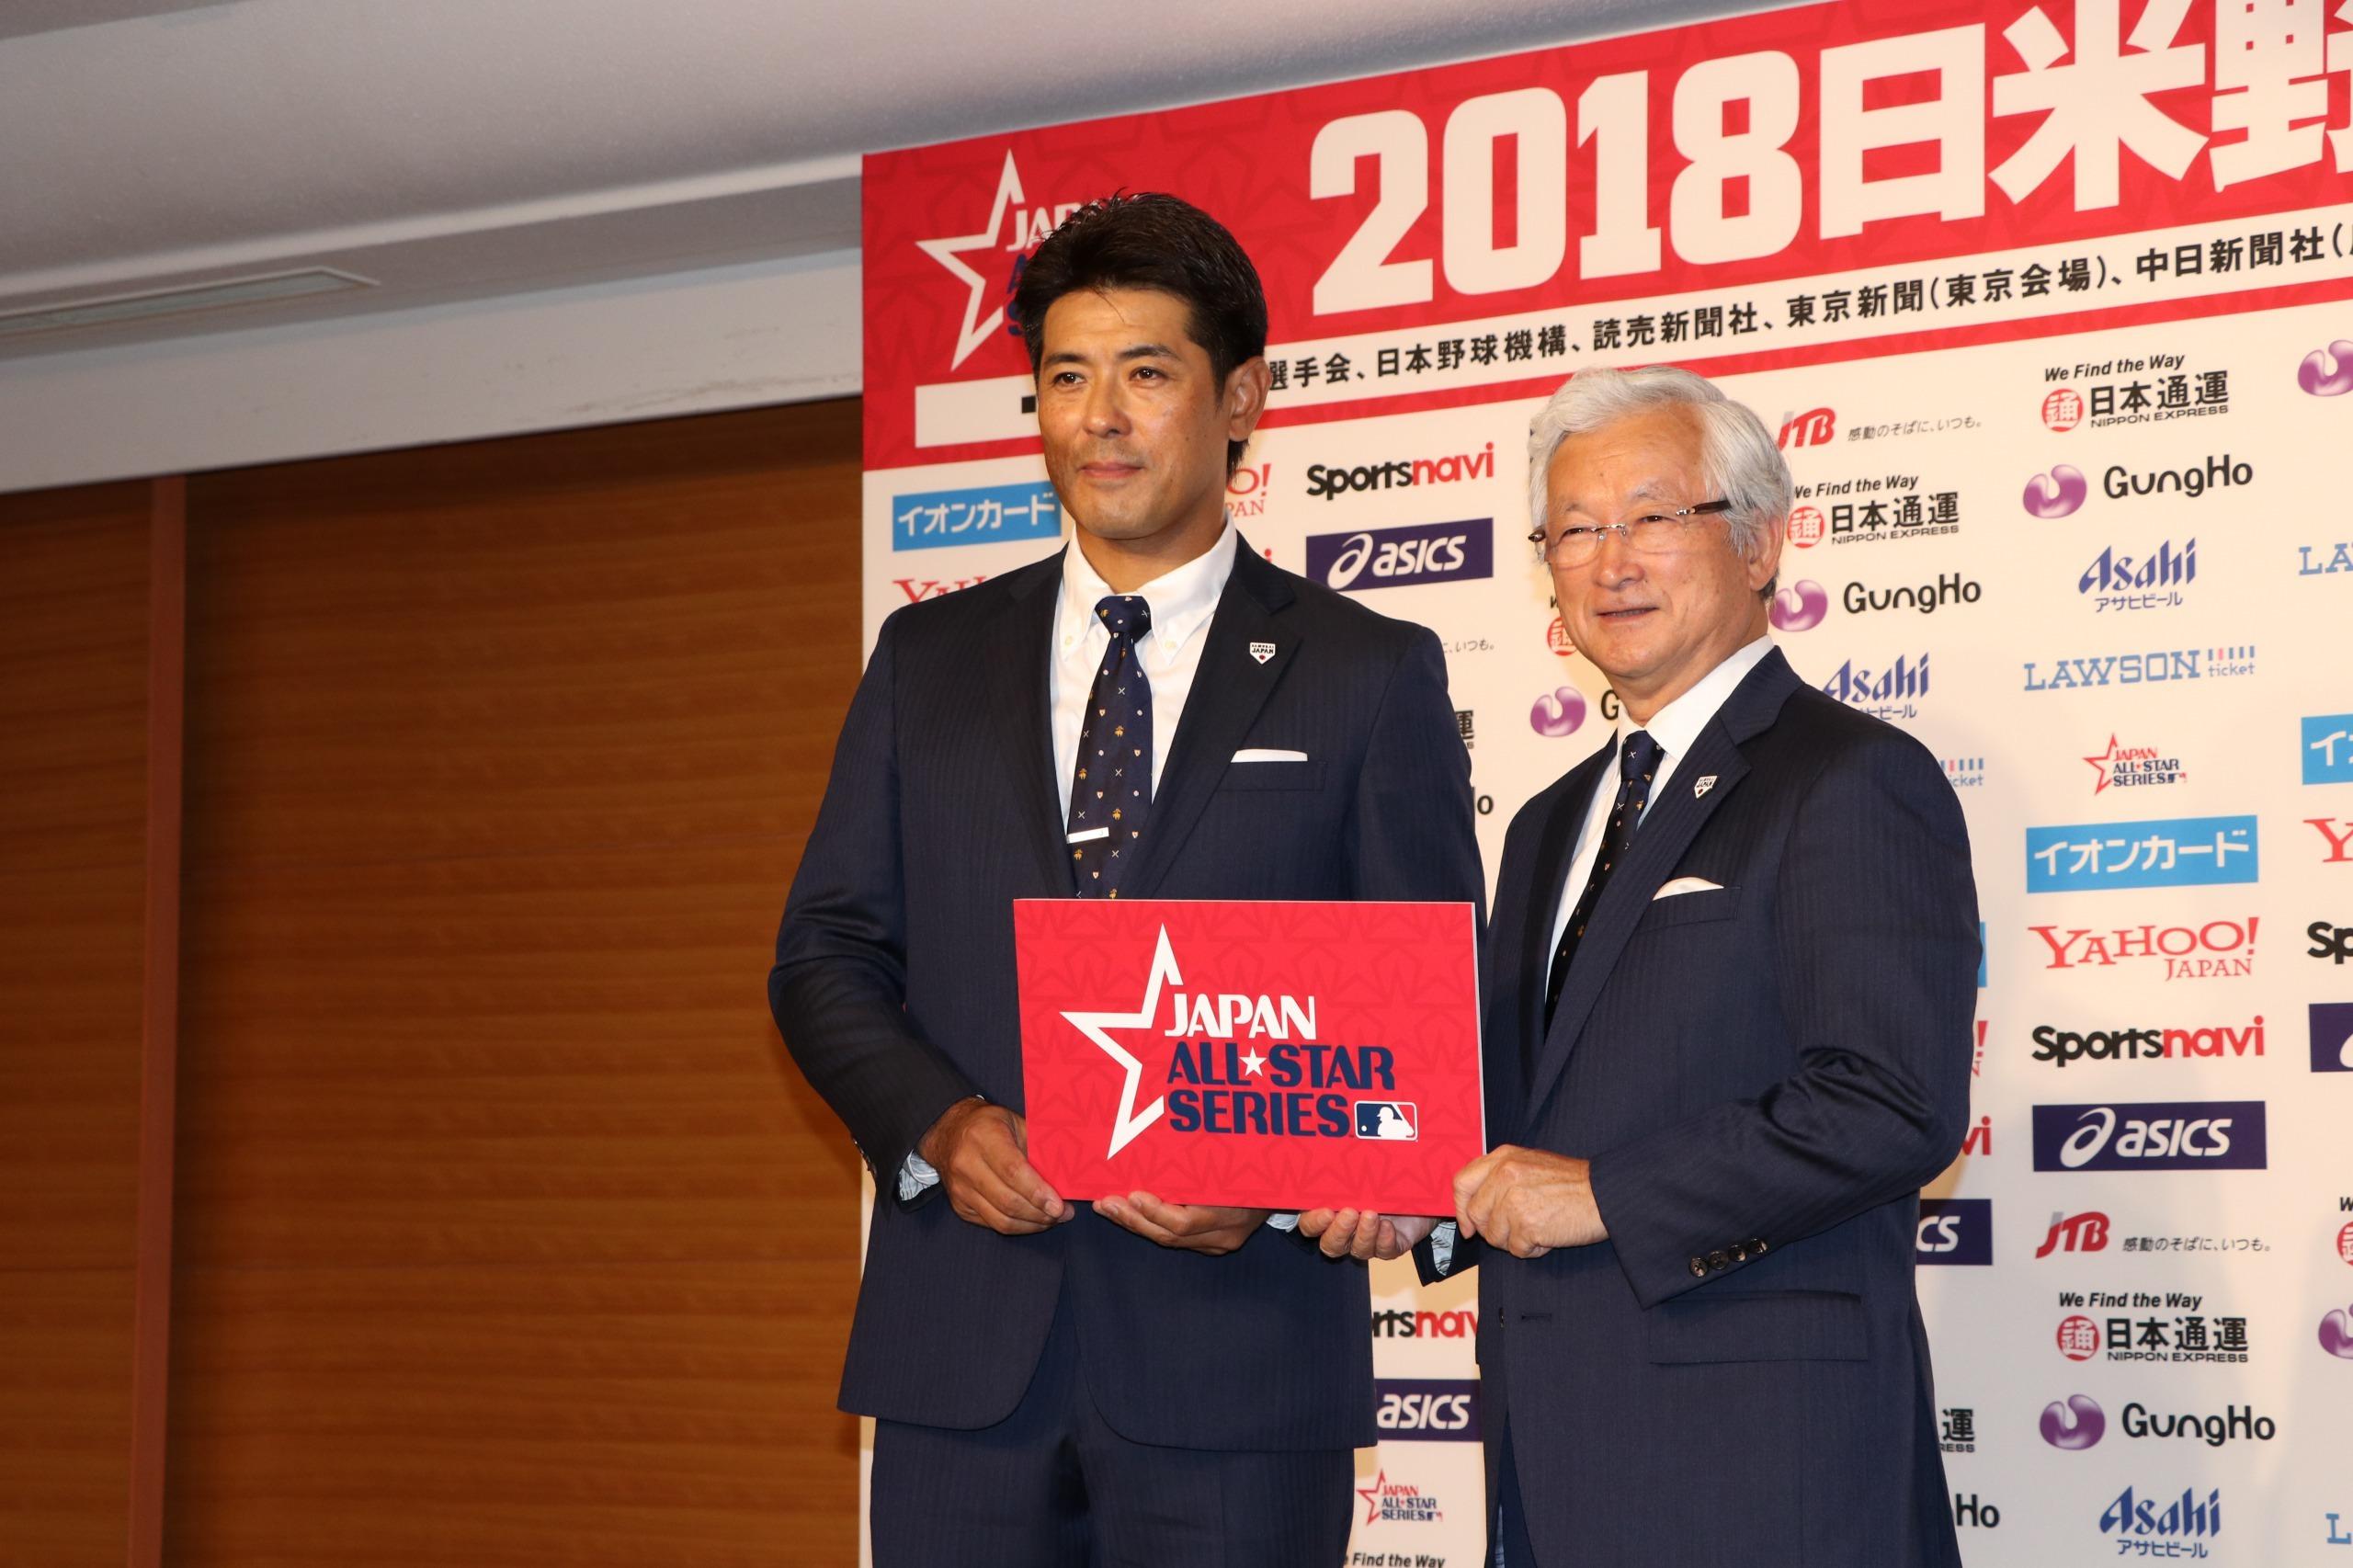 日米野球の記者会見に臨んだ侍ジャパンの稲葉篤紀監督(左)と、同強化委員会の山中正竹強化本部長